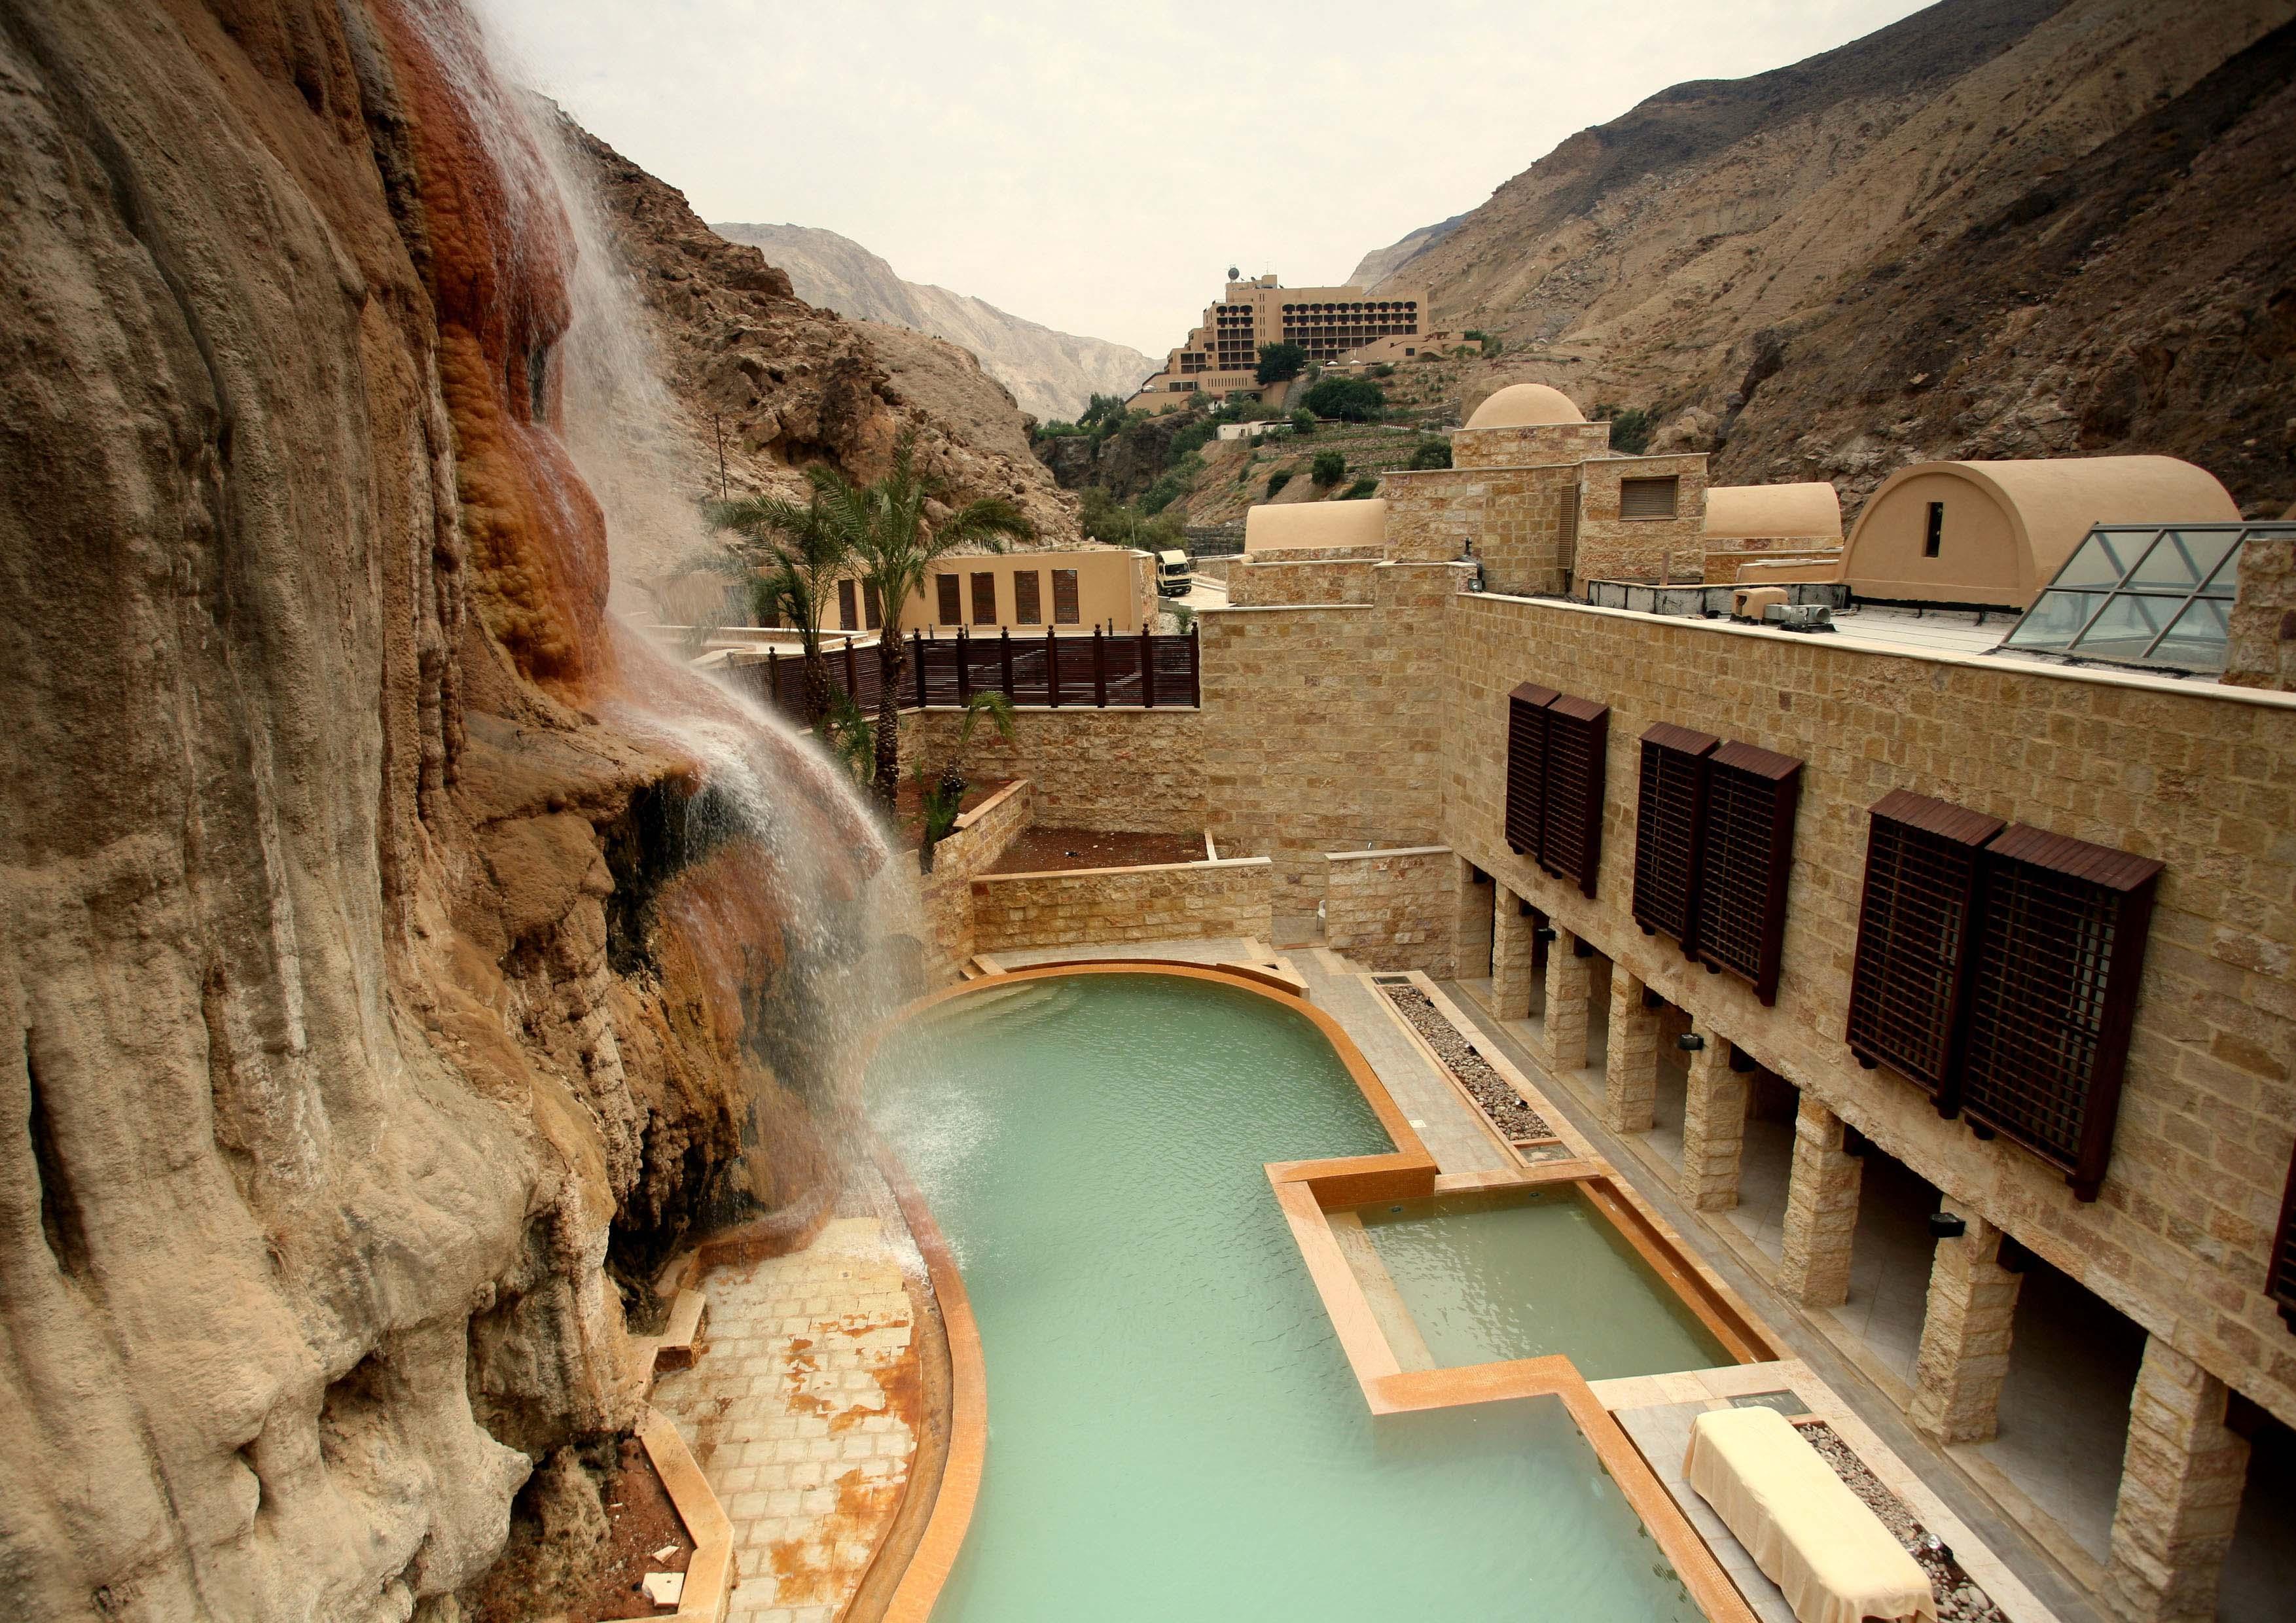 Памятка туристу, выезжающему на отдых в иорданию